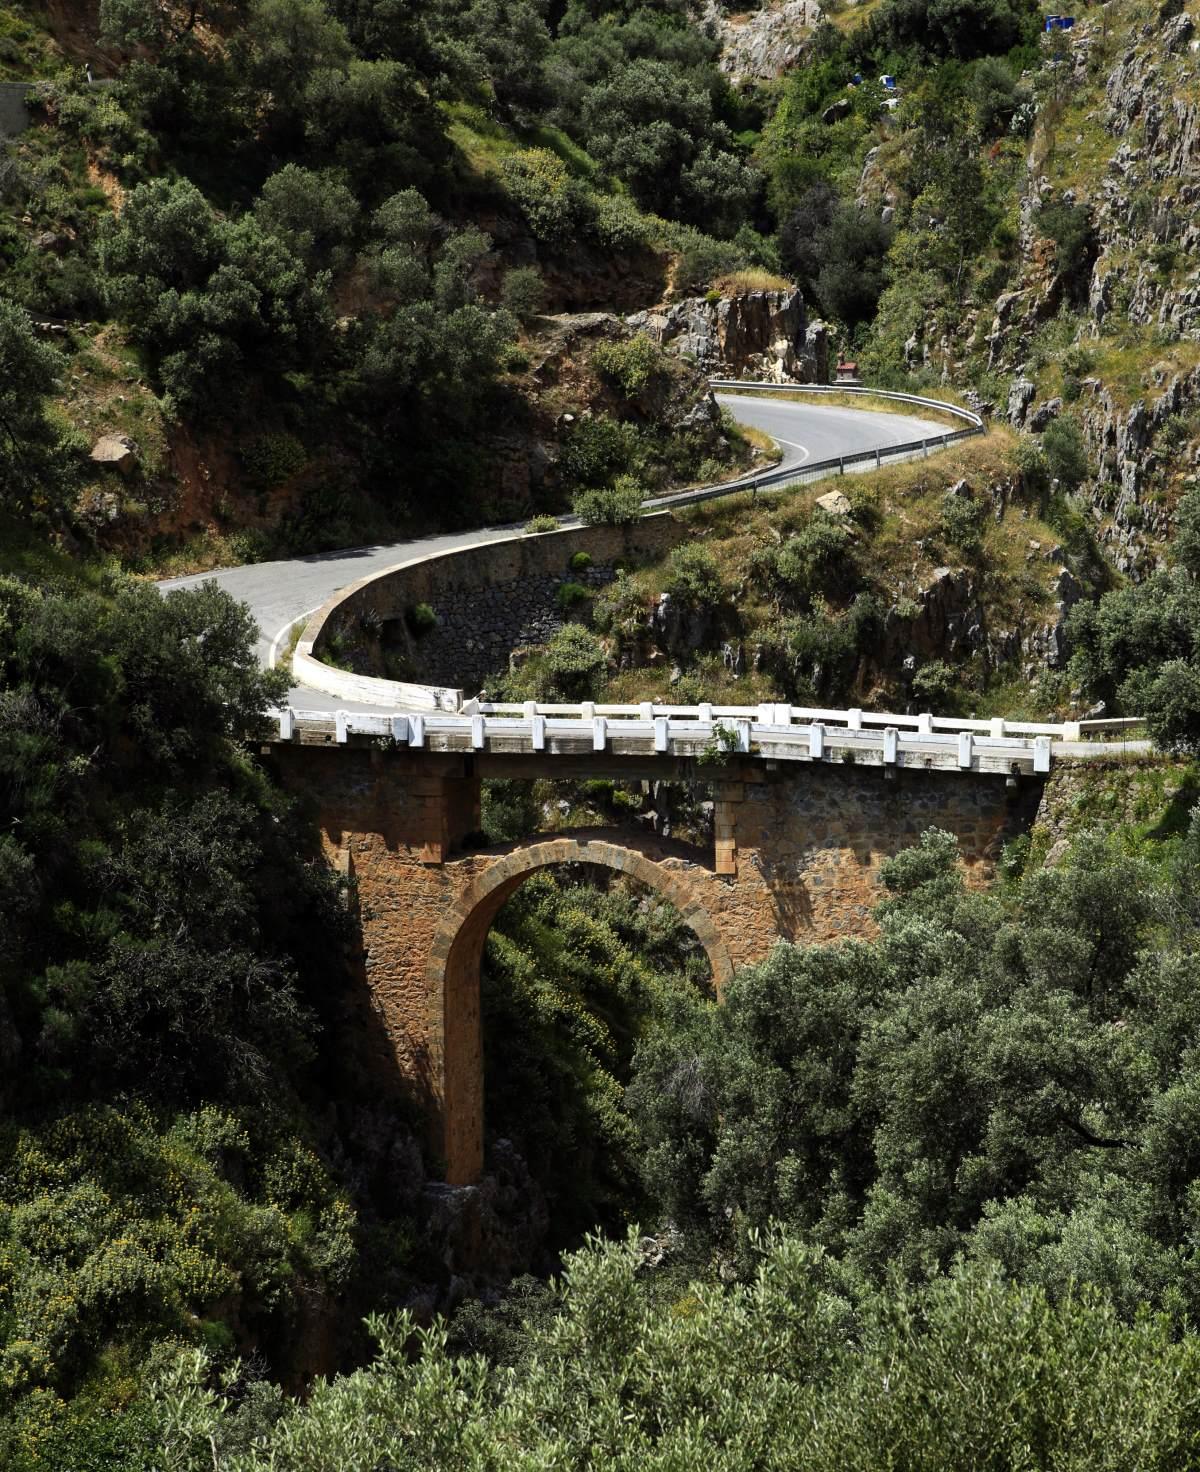 Το γεφύρι πάνω από το φαράγγι στο Ροδάκινο, Κρήτη